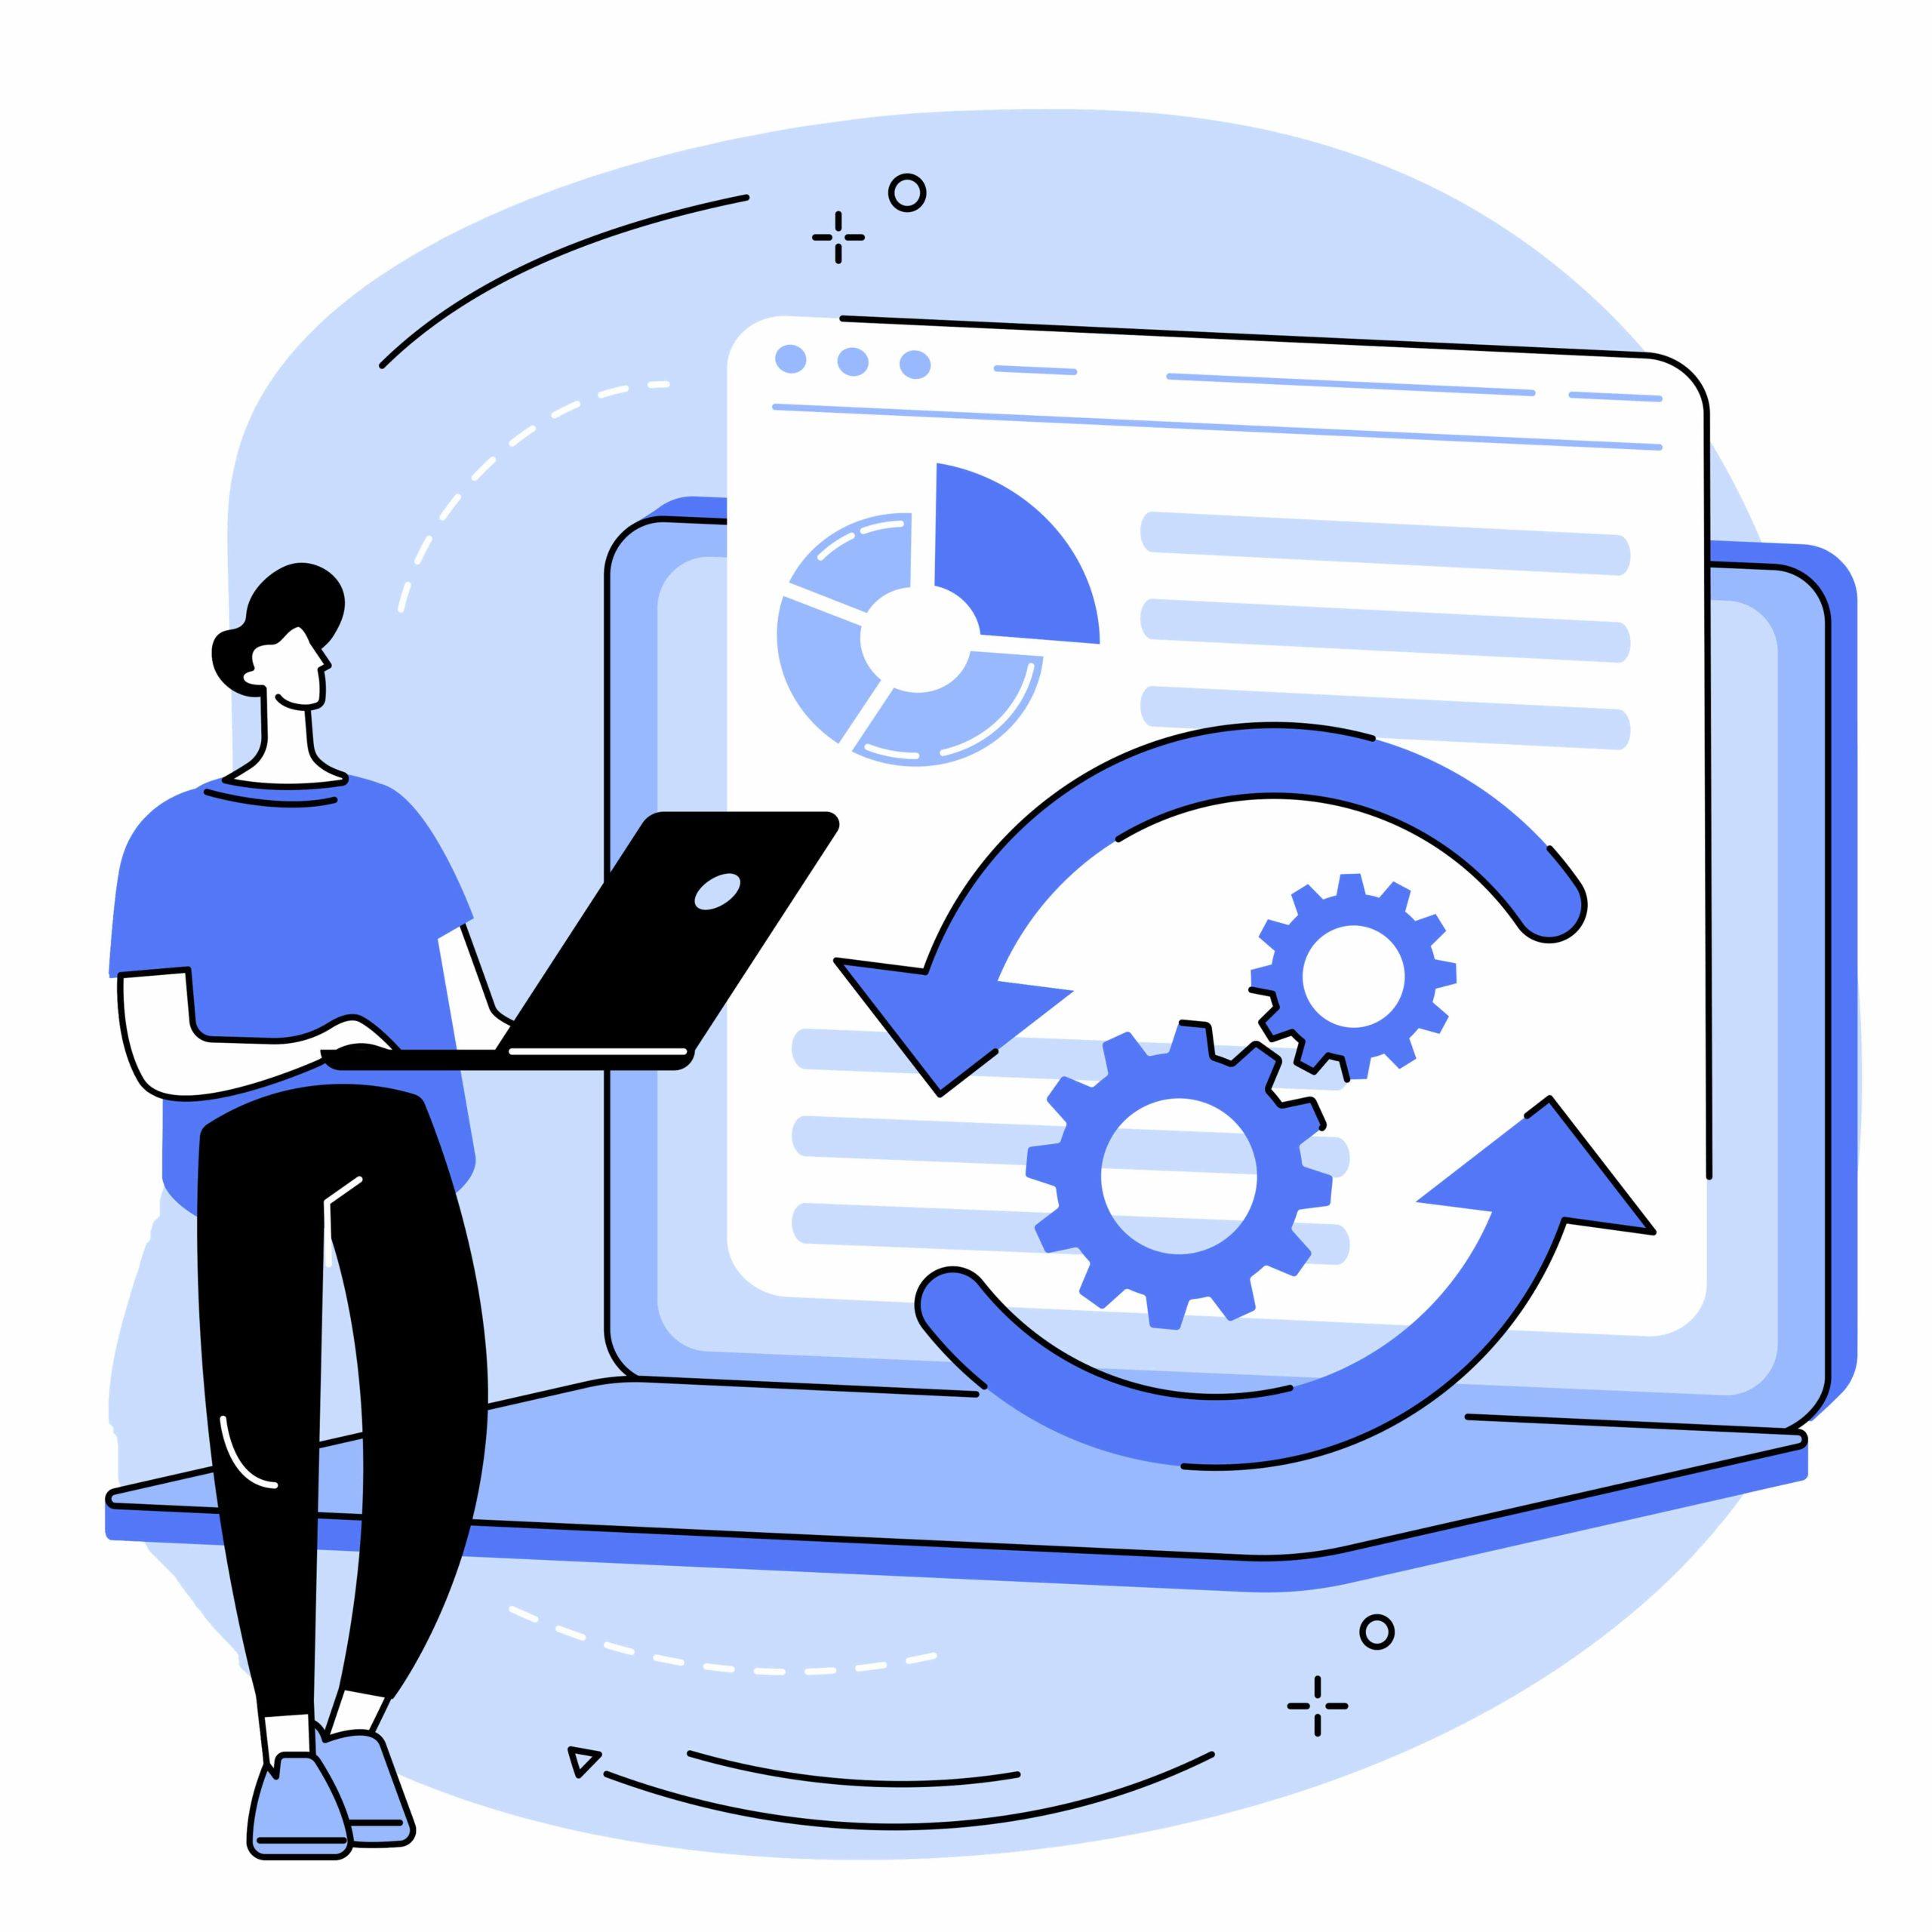 Com'etic agence digitale à Paris, Quimper création et developpement de site Internet vitrine, site e-commerce wordpress, Woocommerce, drupal, shopify, prestashop